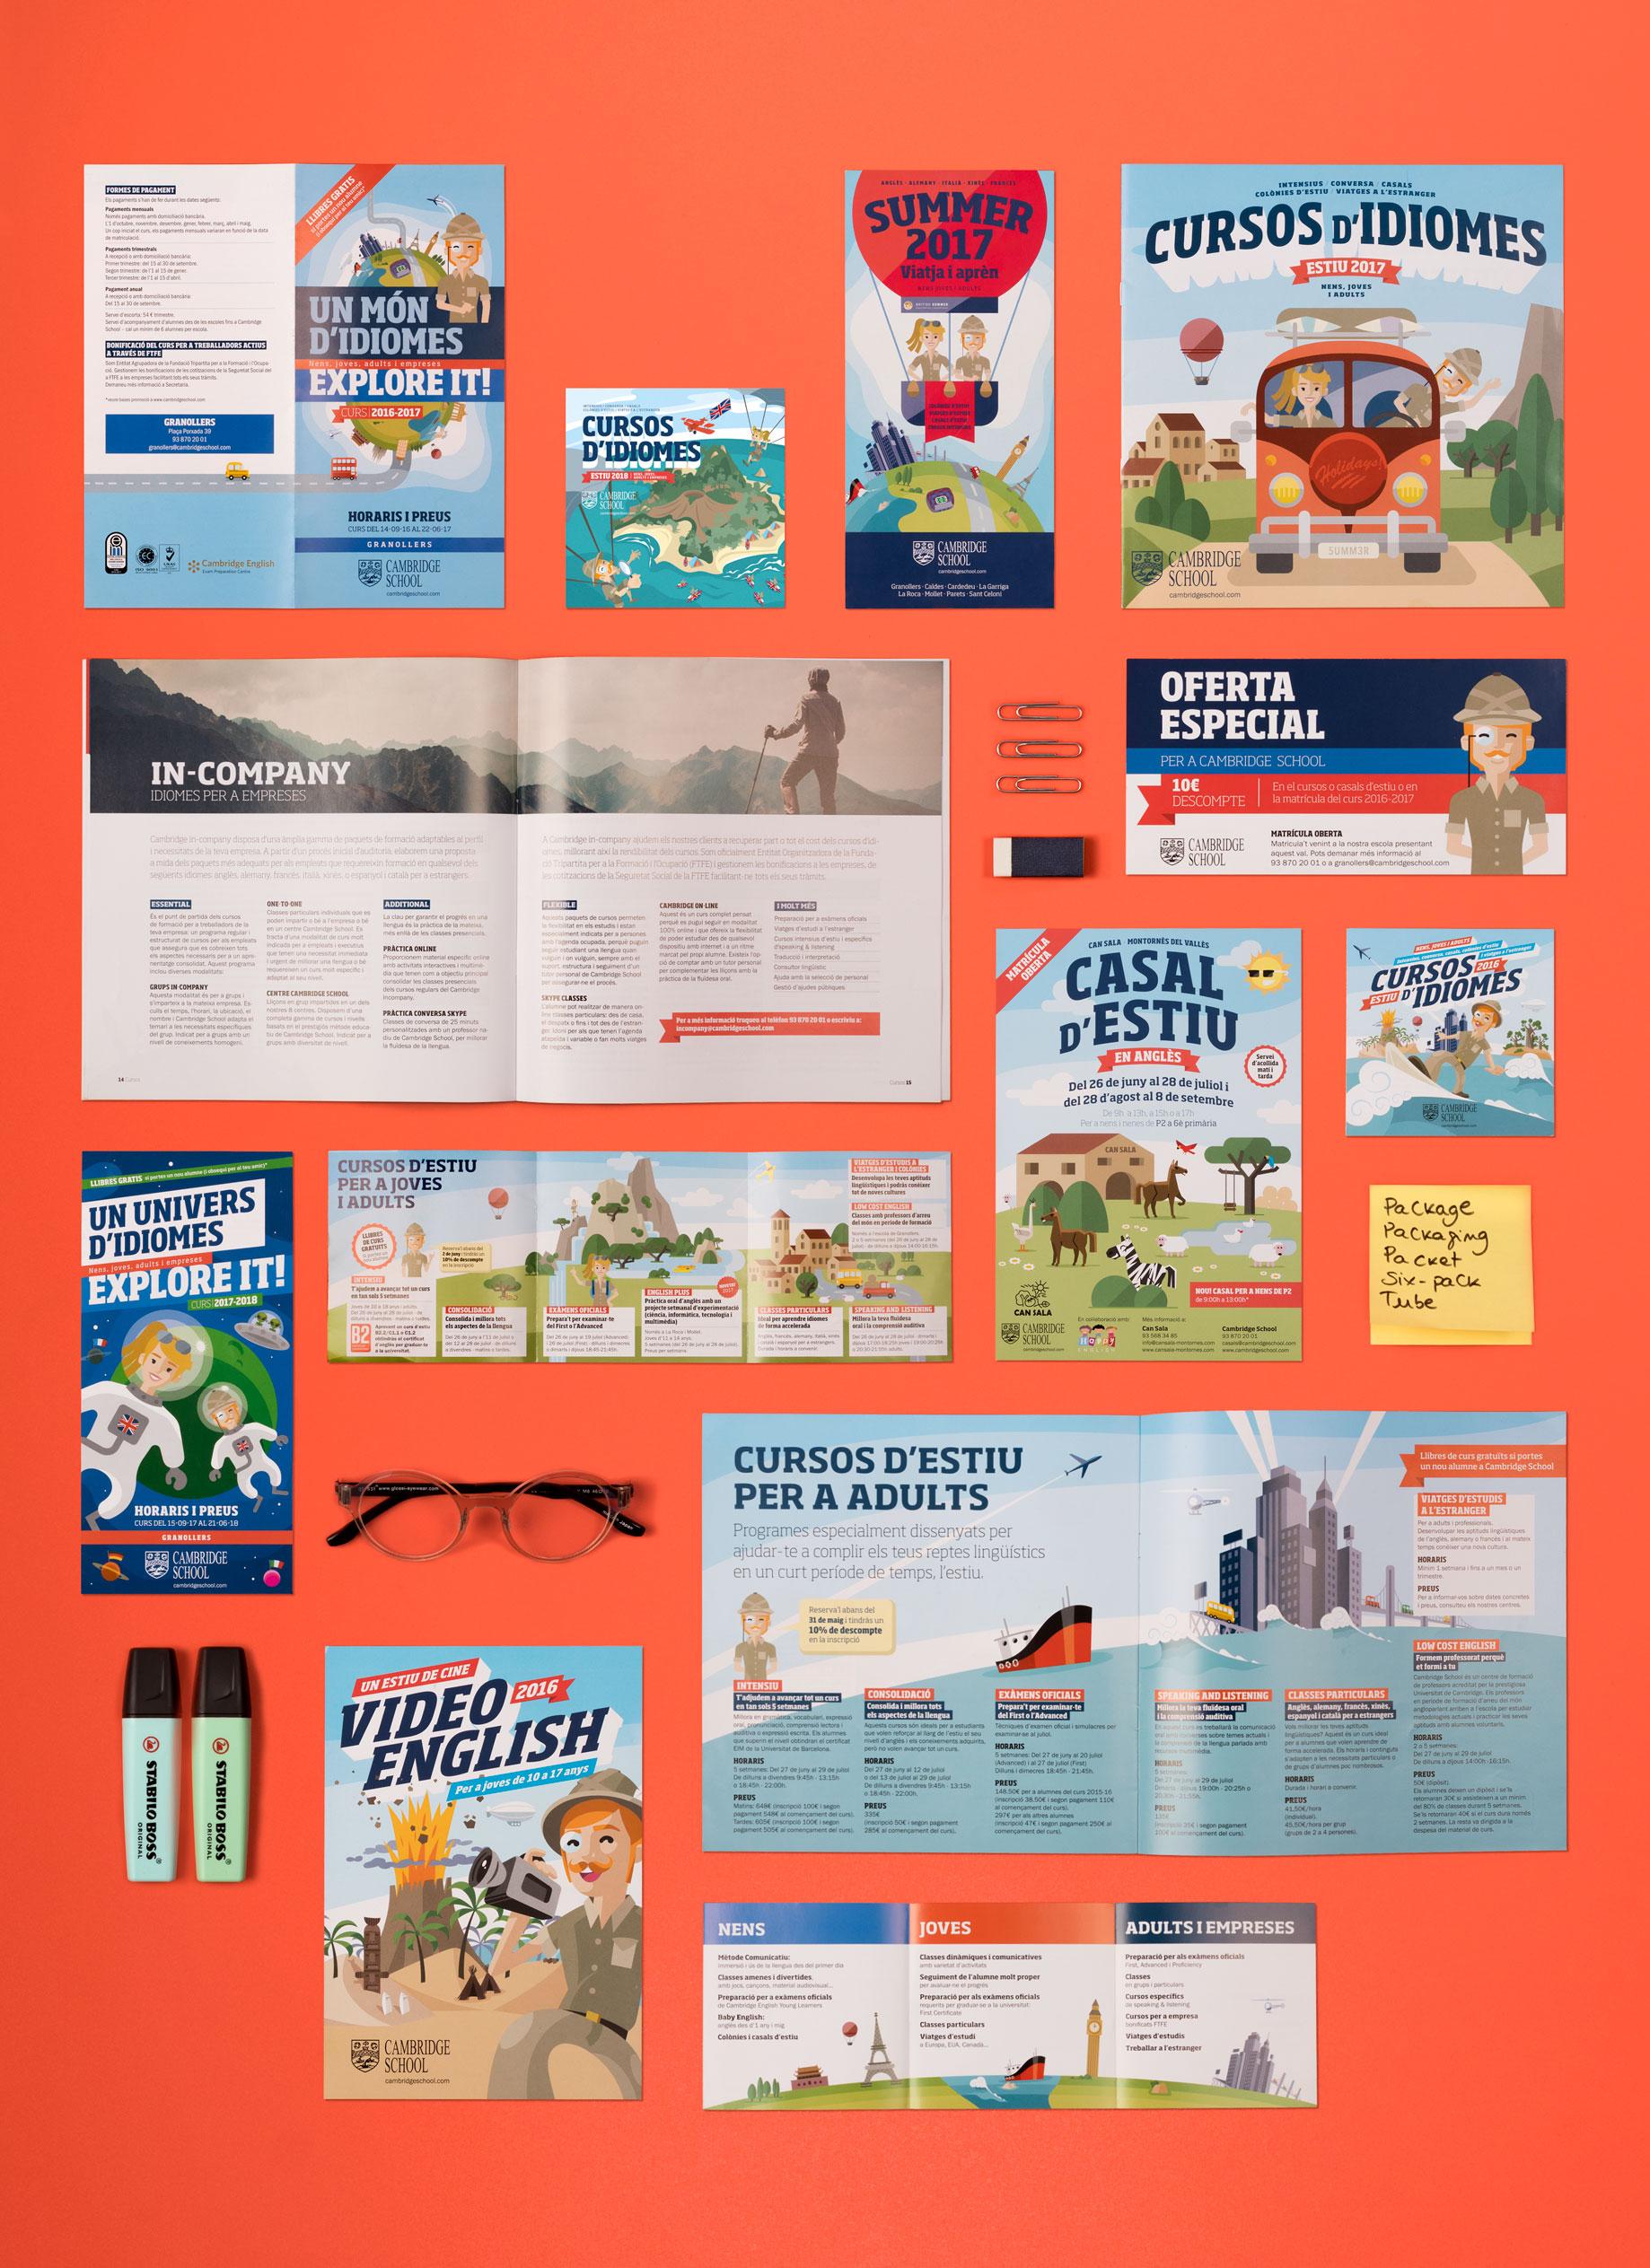 Cambridge School idiomas academia de inglés branding comunicación gráfica ilustración poster flyer catálogo Vibranding